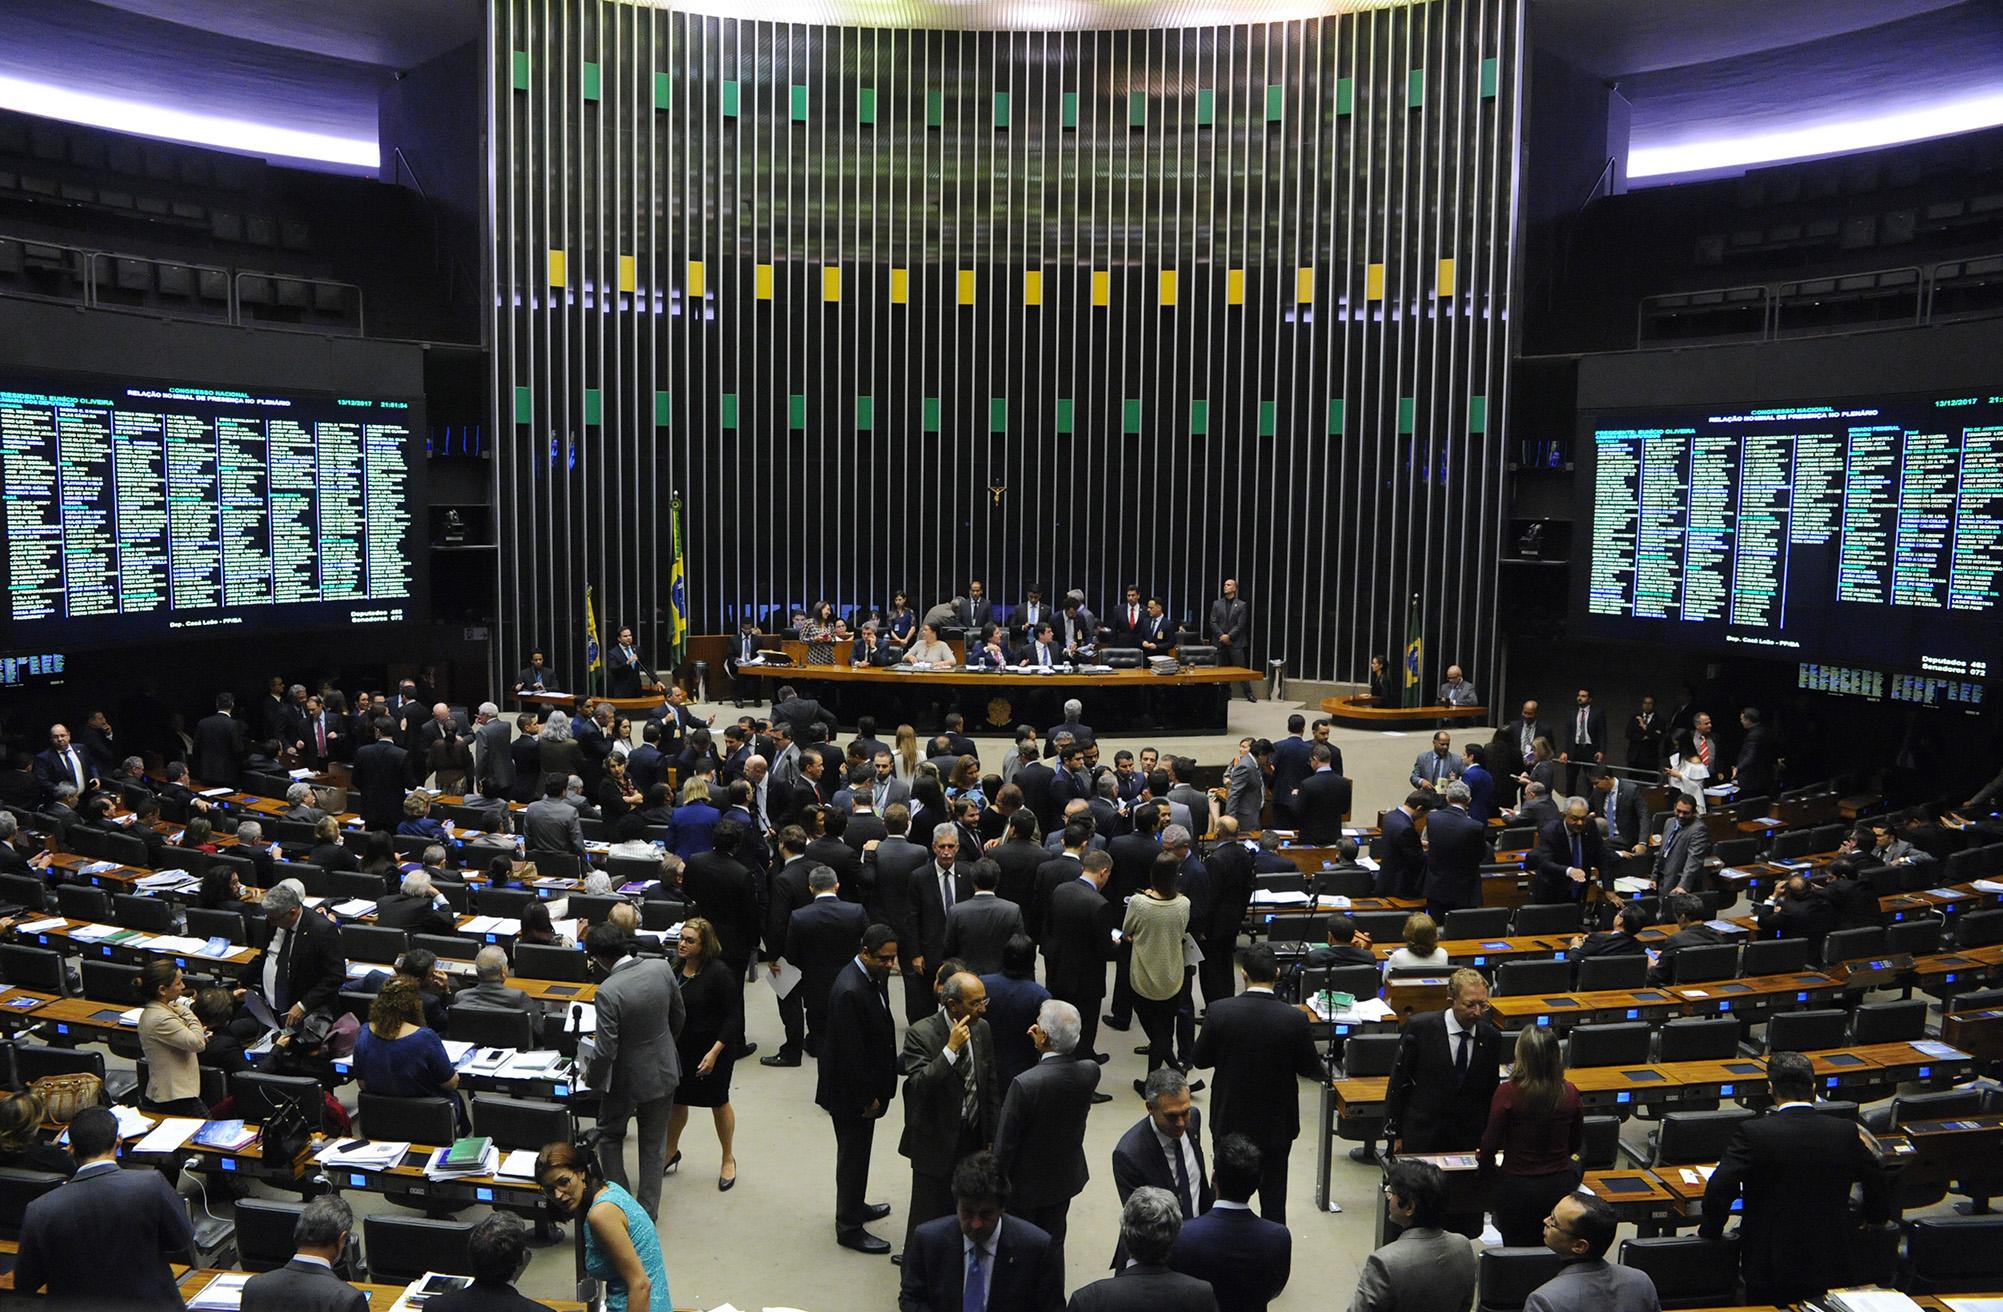 Sessão do Congresso Nacional para votação do orçamento de 2018